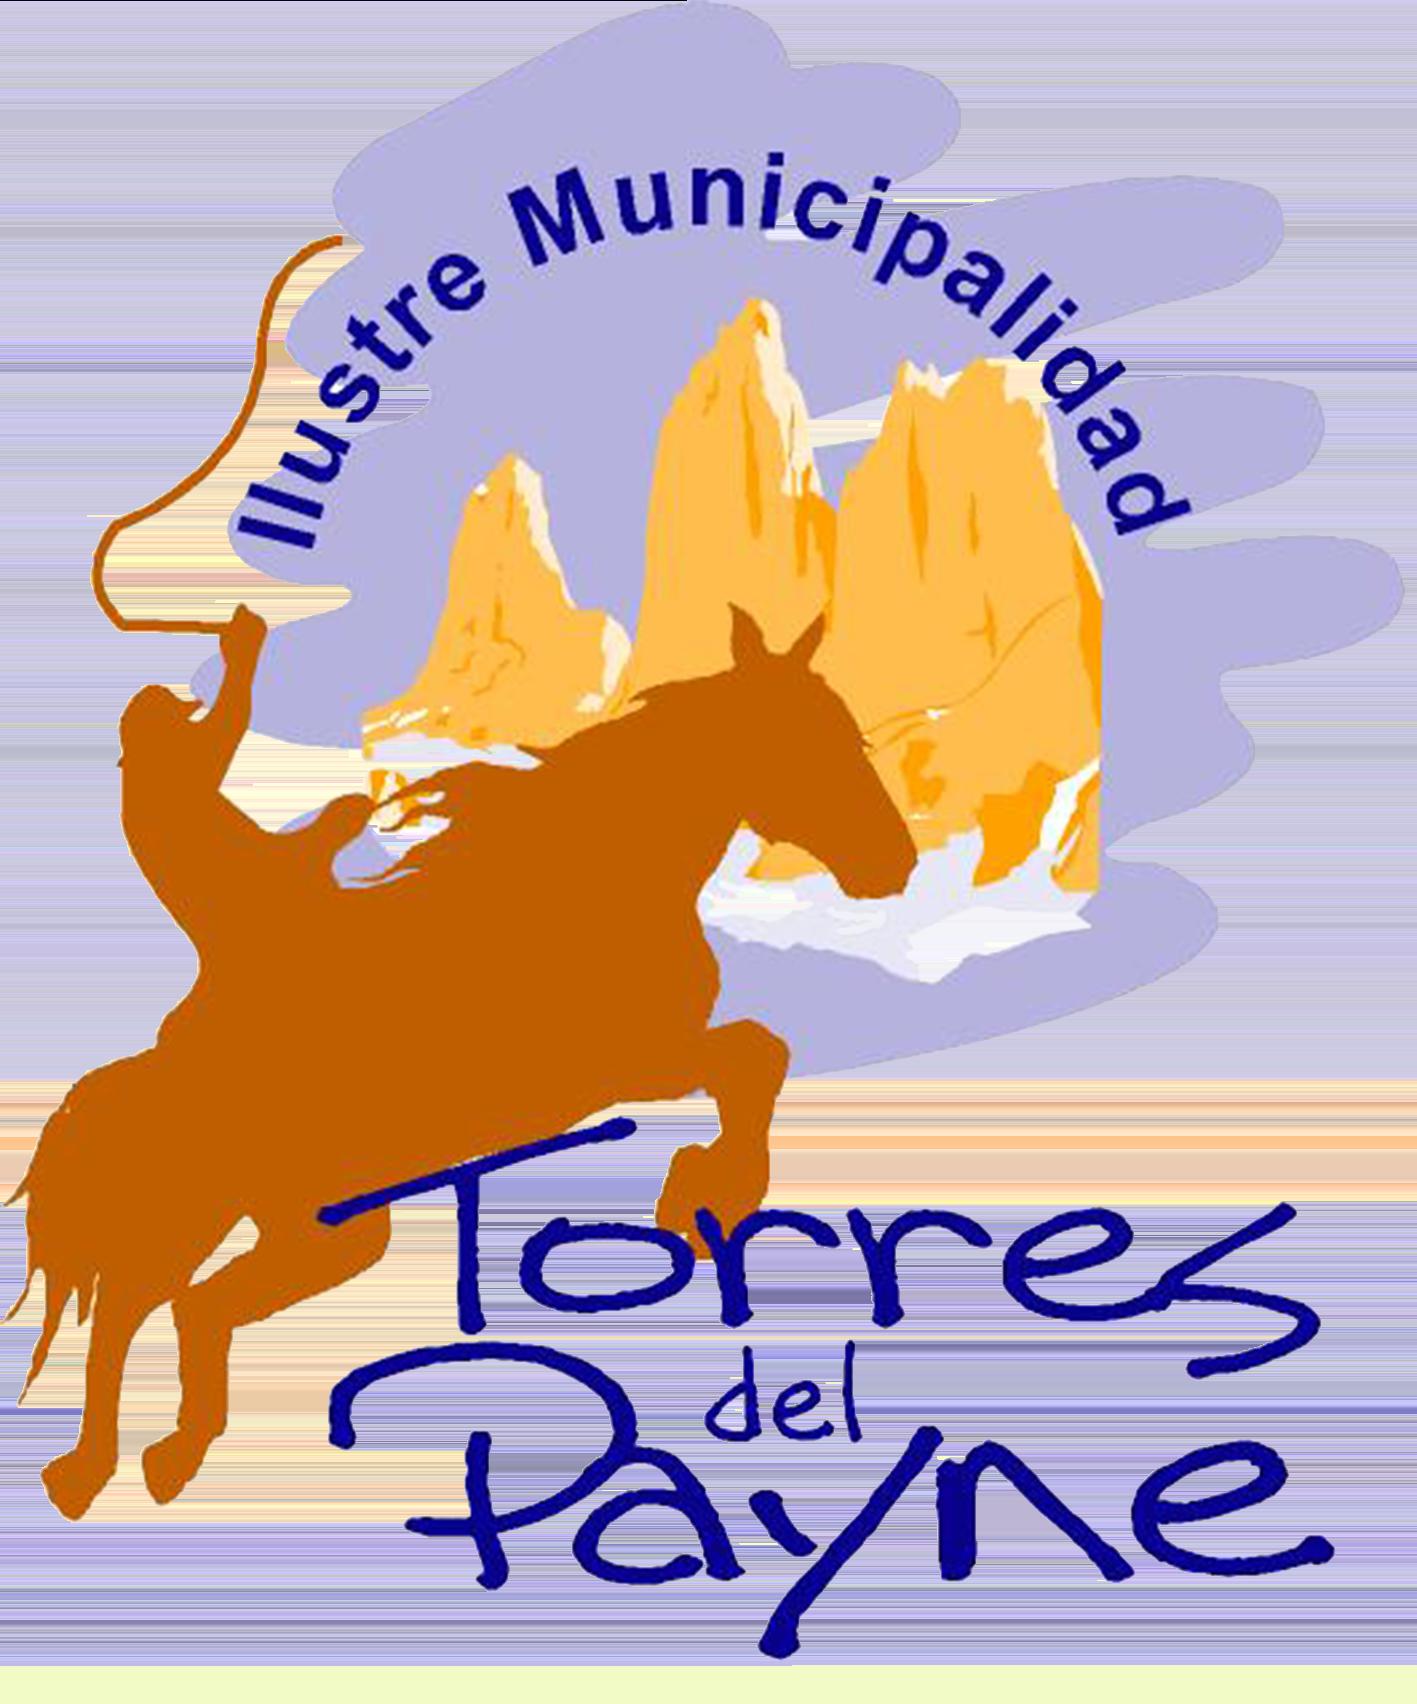 MUNI Torres del Payne